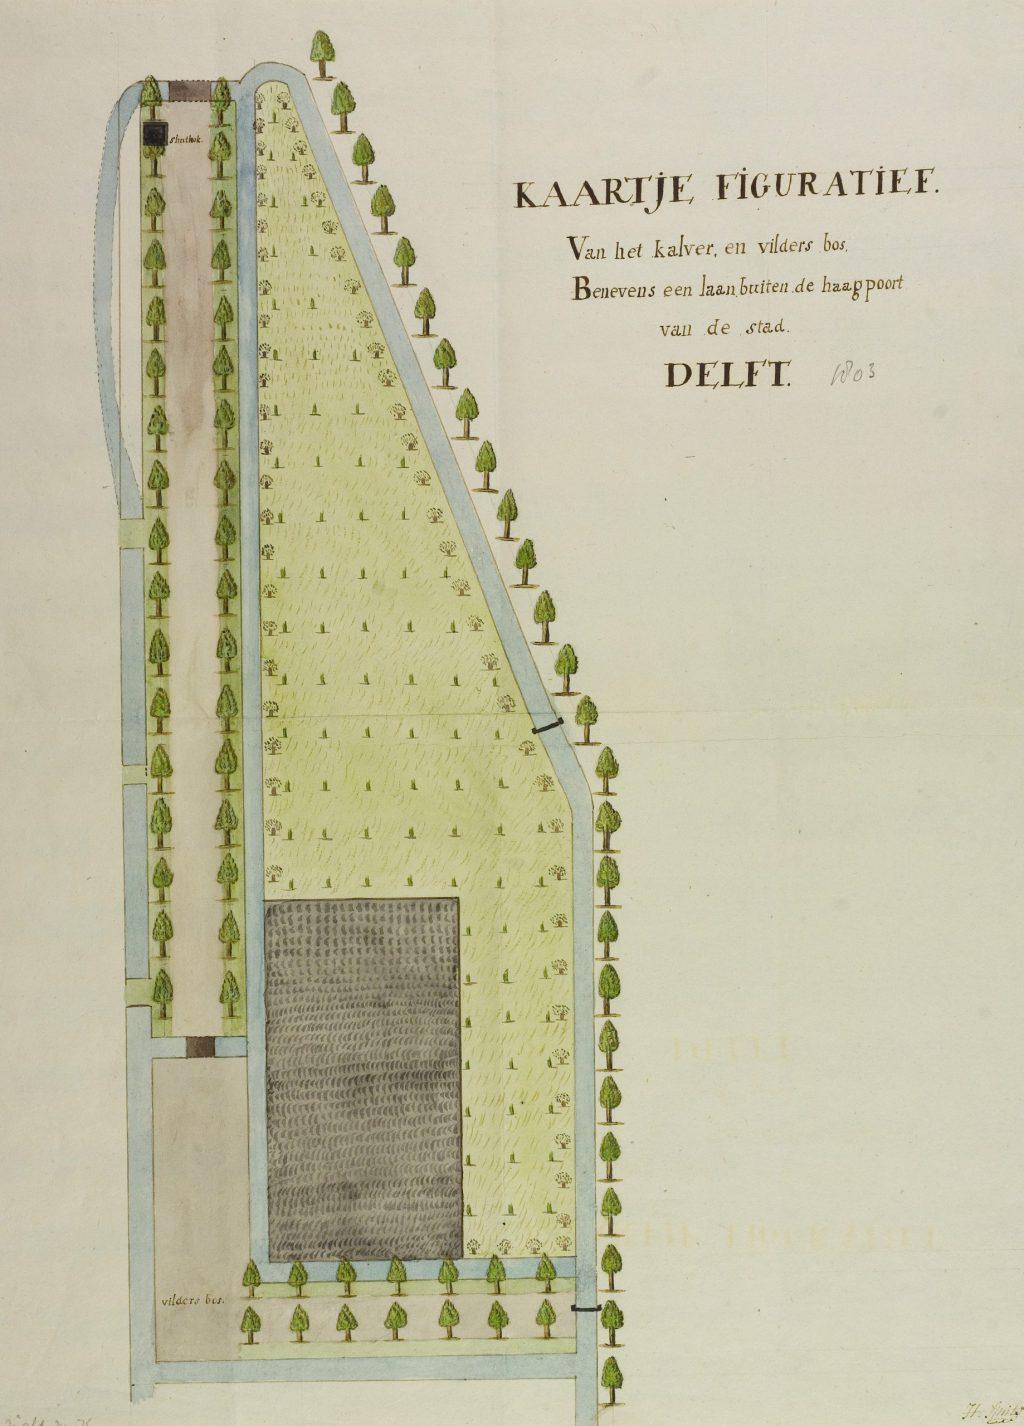 Kaartje van het Kalver- en Vilderbos buiten de Haagpoort, J.H. Smits, 1803 (TMS 65348)